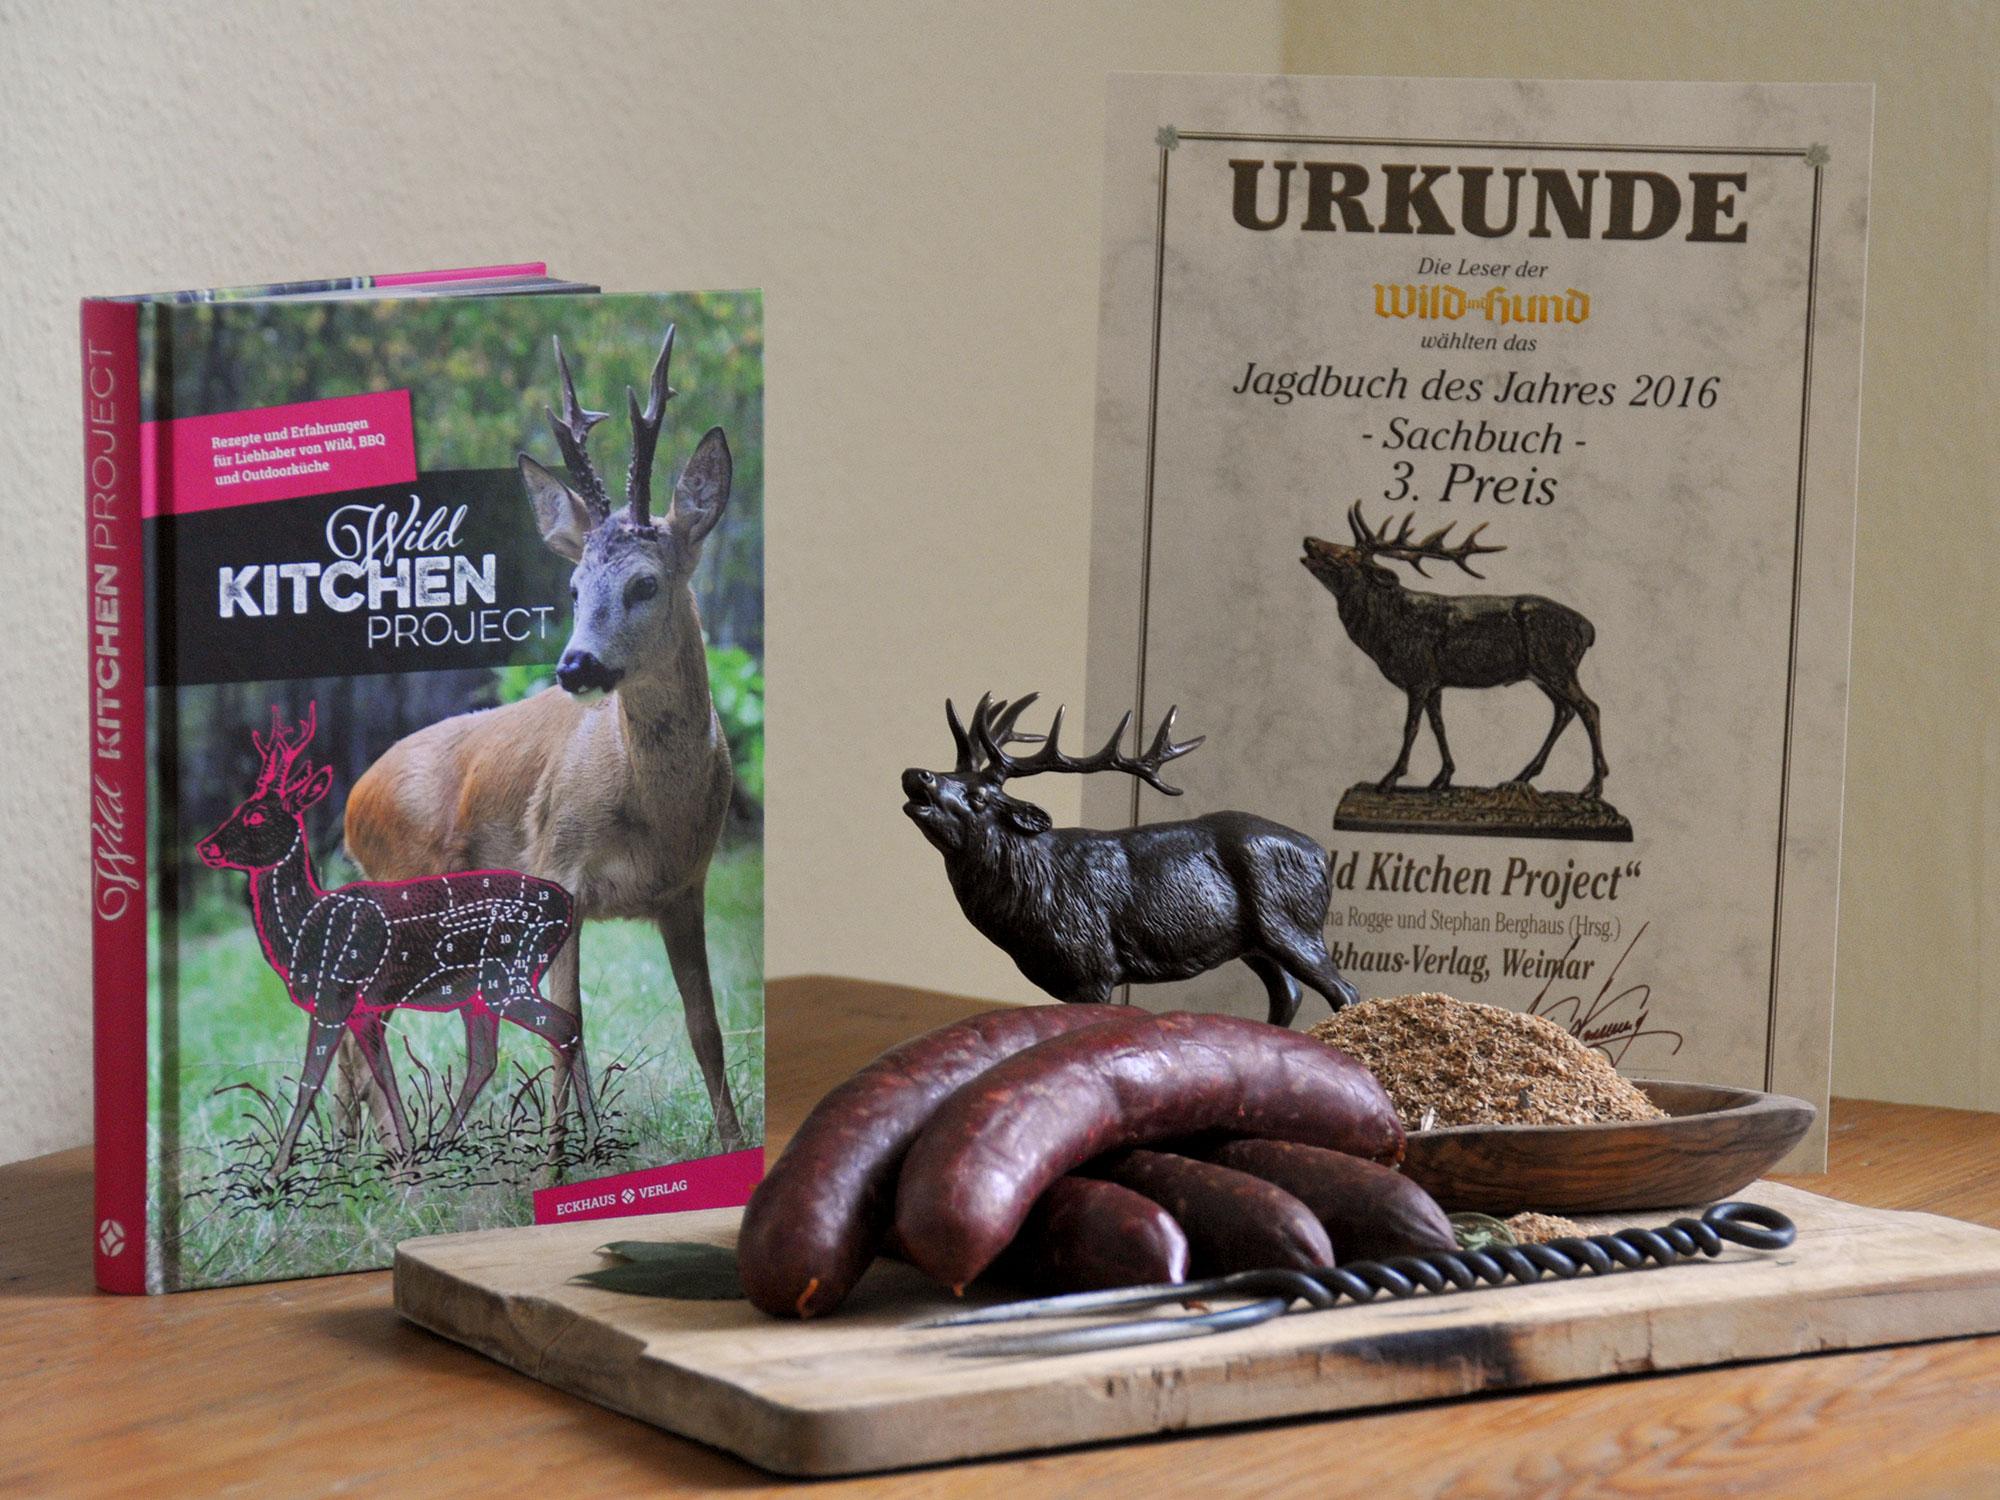 Foto von Wild Kitchen Project und Urkunde Sachbuch